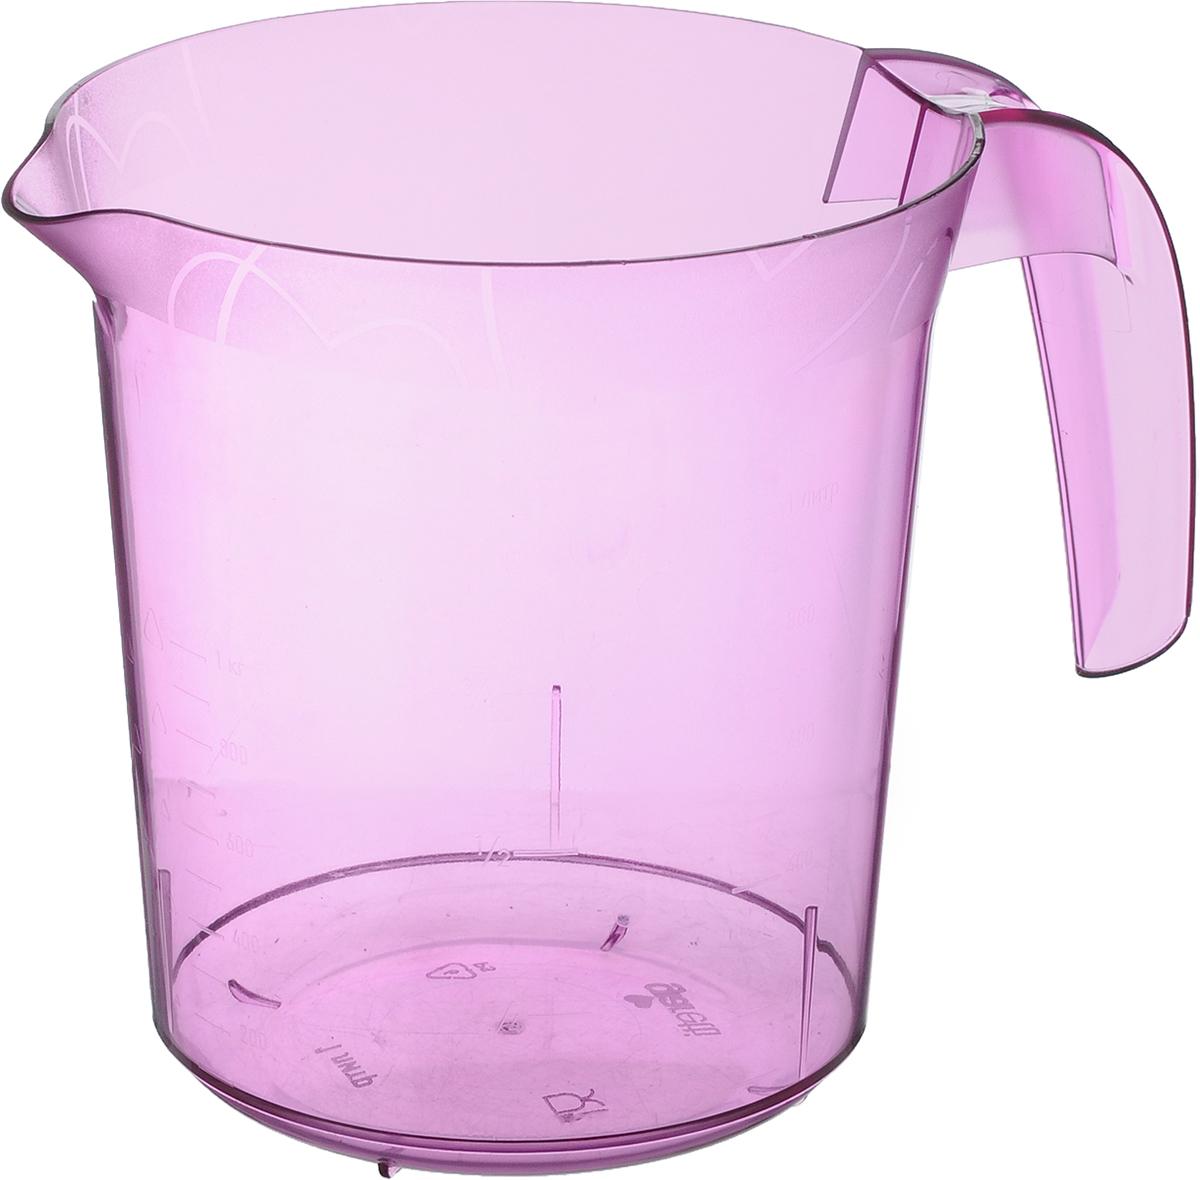 Стакан мерный Giaretti, цвет: сиреневый, 1 лGR3056_сиреневыйМерный прозрачный стакан Giaretti выполнен из полистирола. Стакан оснащен удобной ручкой и носиком, которые делают изделие еще более простым в использовании. Он позволяет мерить жидкости до 1 л. Удобная форма стакана позволяет как отмерить необходимое количество продукта, так и взбить/замесить его непосредственно прямо в этой же емкости. Такой стаканчик пригодится каждой хозяйке на кухне, ведь зачастую приготовление некоторых блюд требует известной точности. Можно мыть в посудомоечной машине. Объем: 1 л. Диаметр (по верхнему краю): 13,5 см. Высота: 15 см.